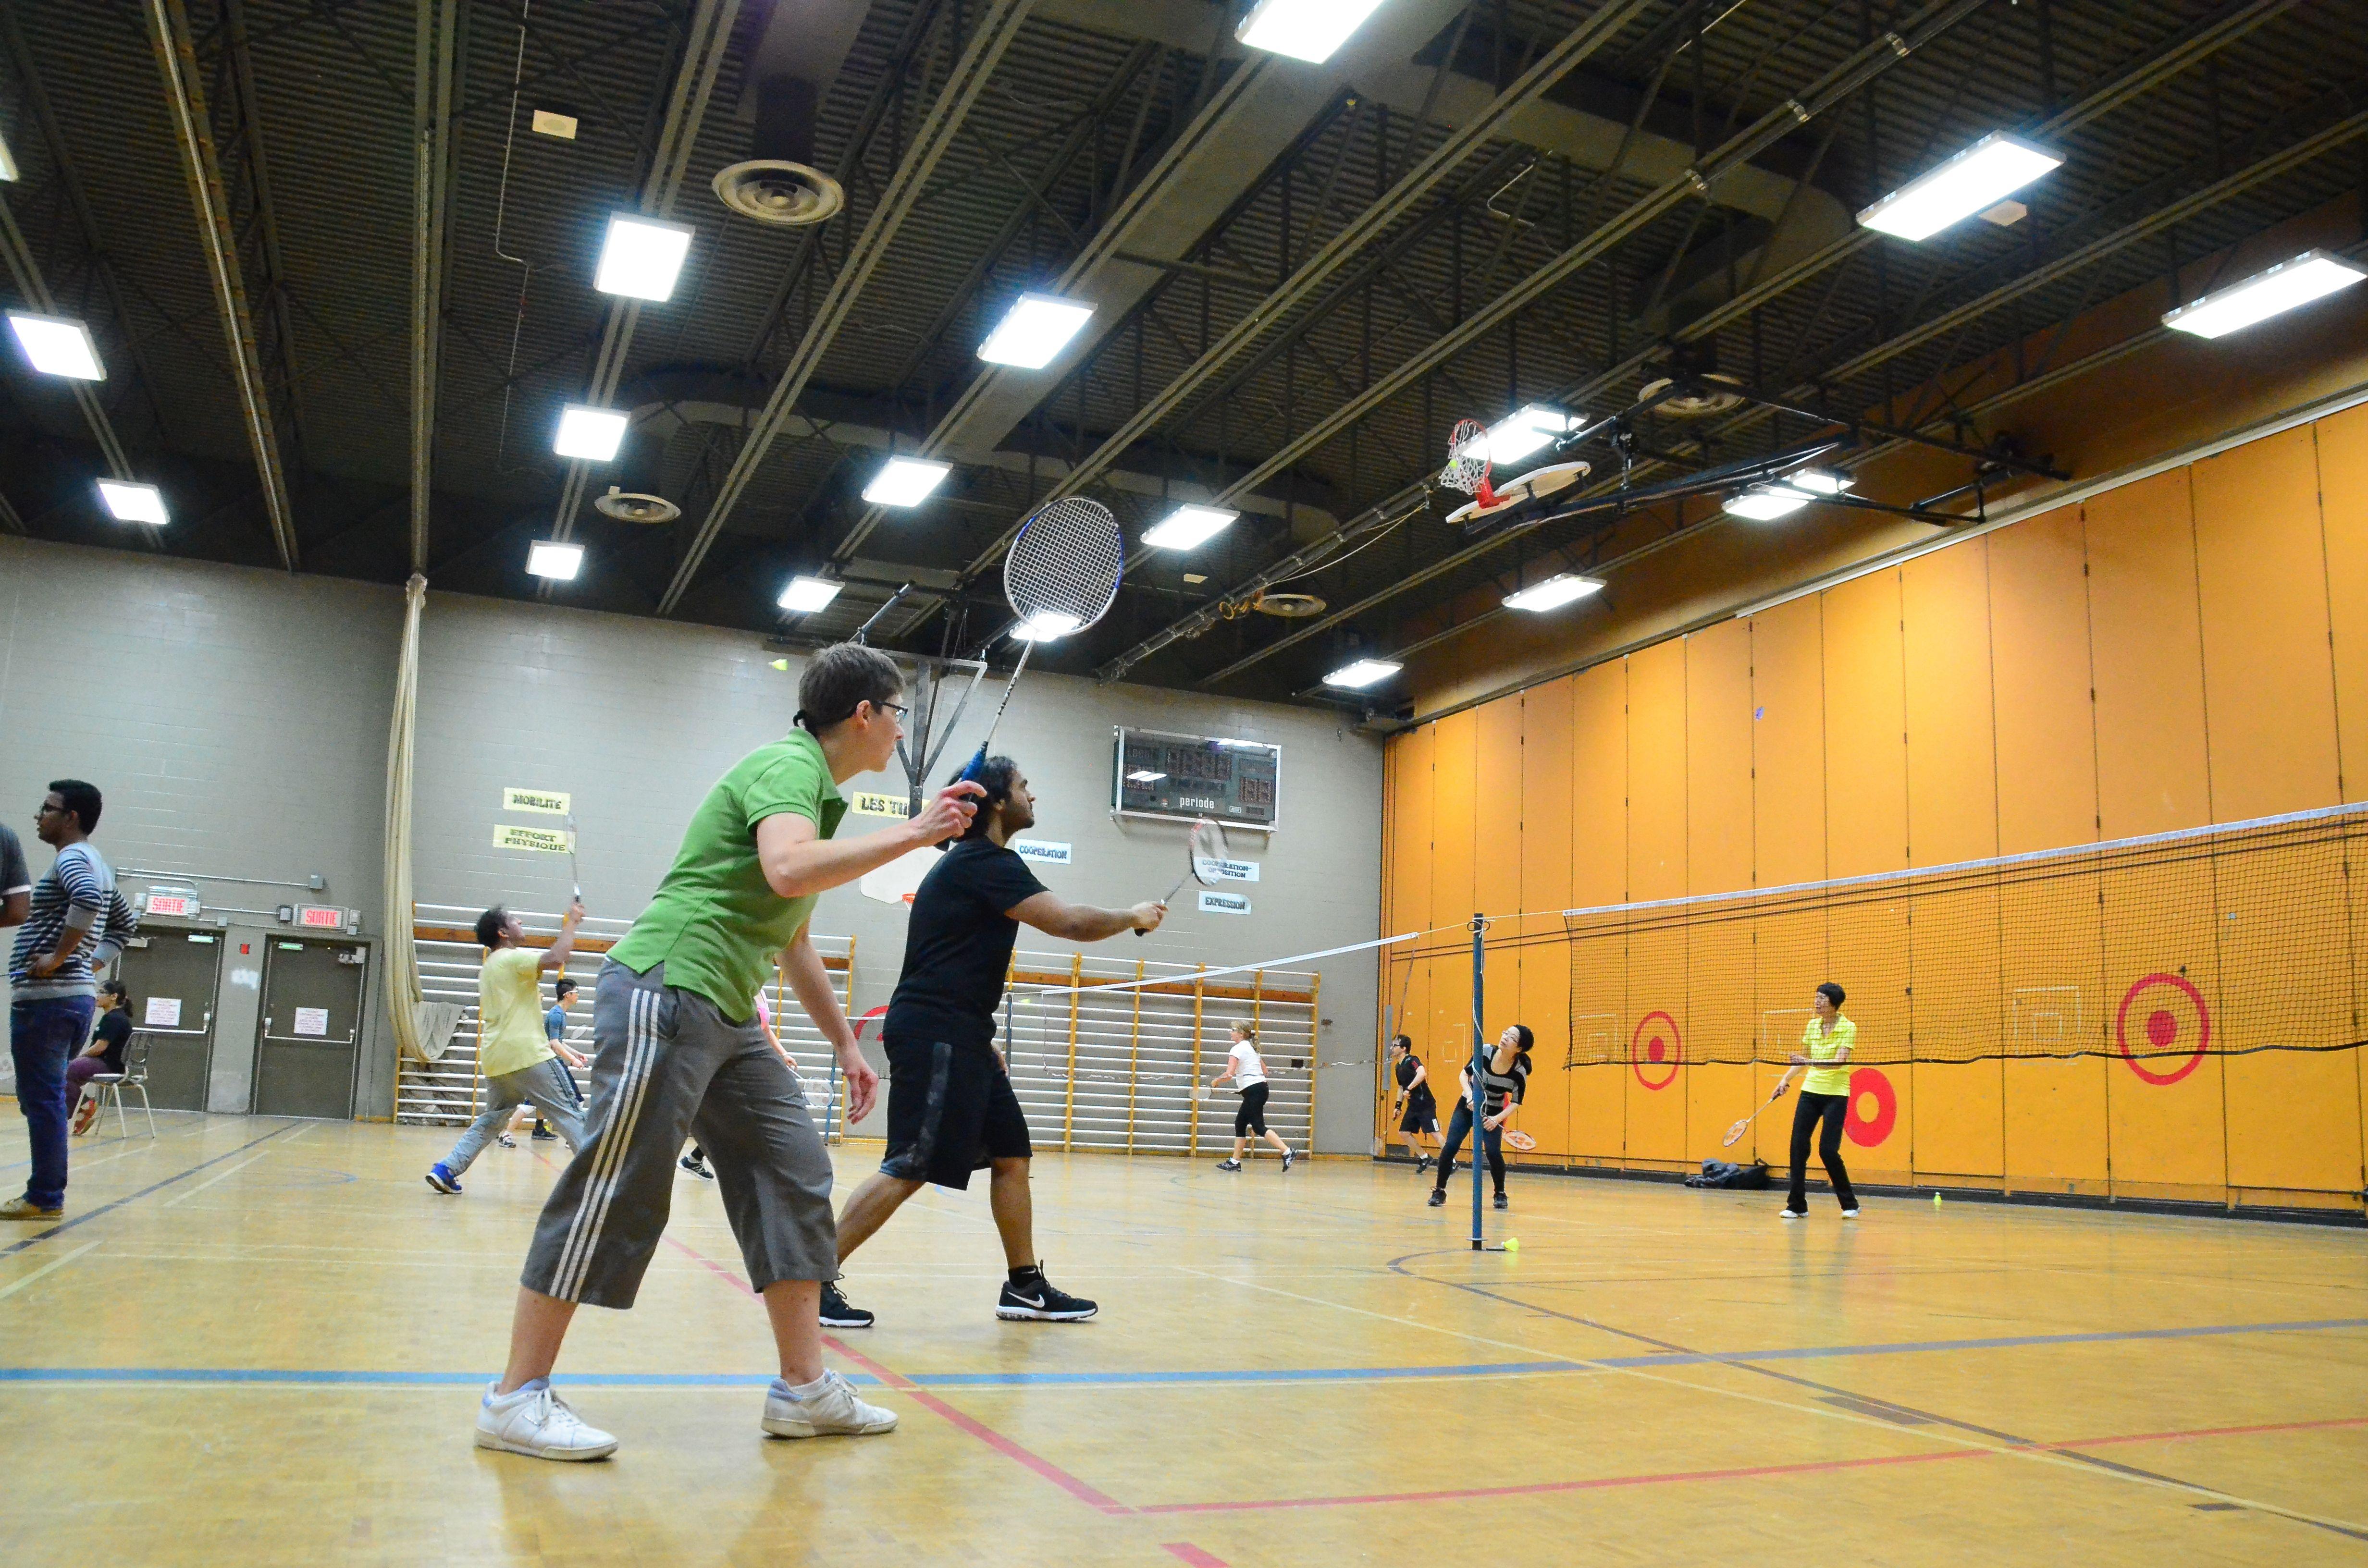 Badminton Montreal